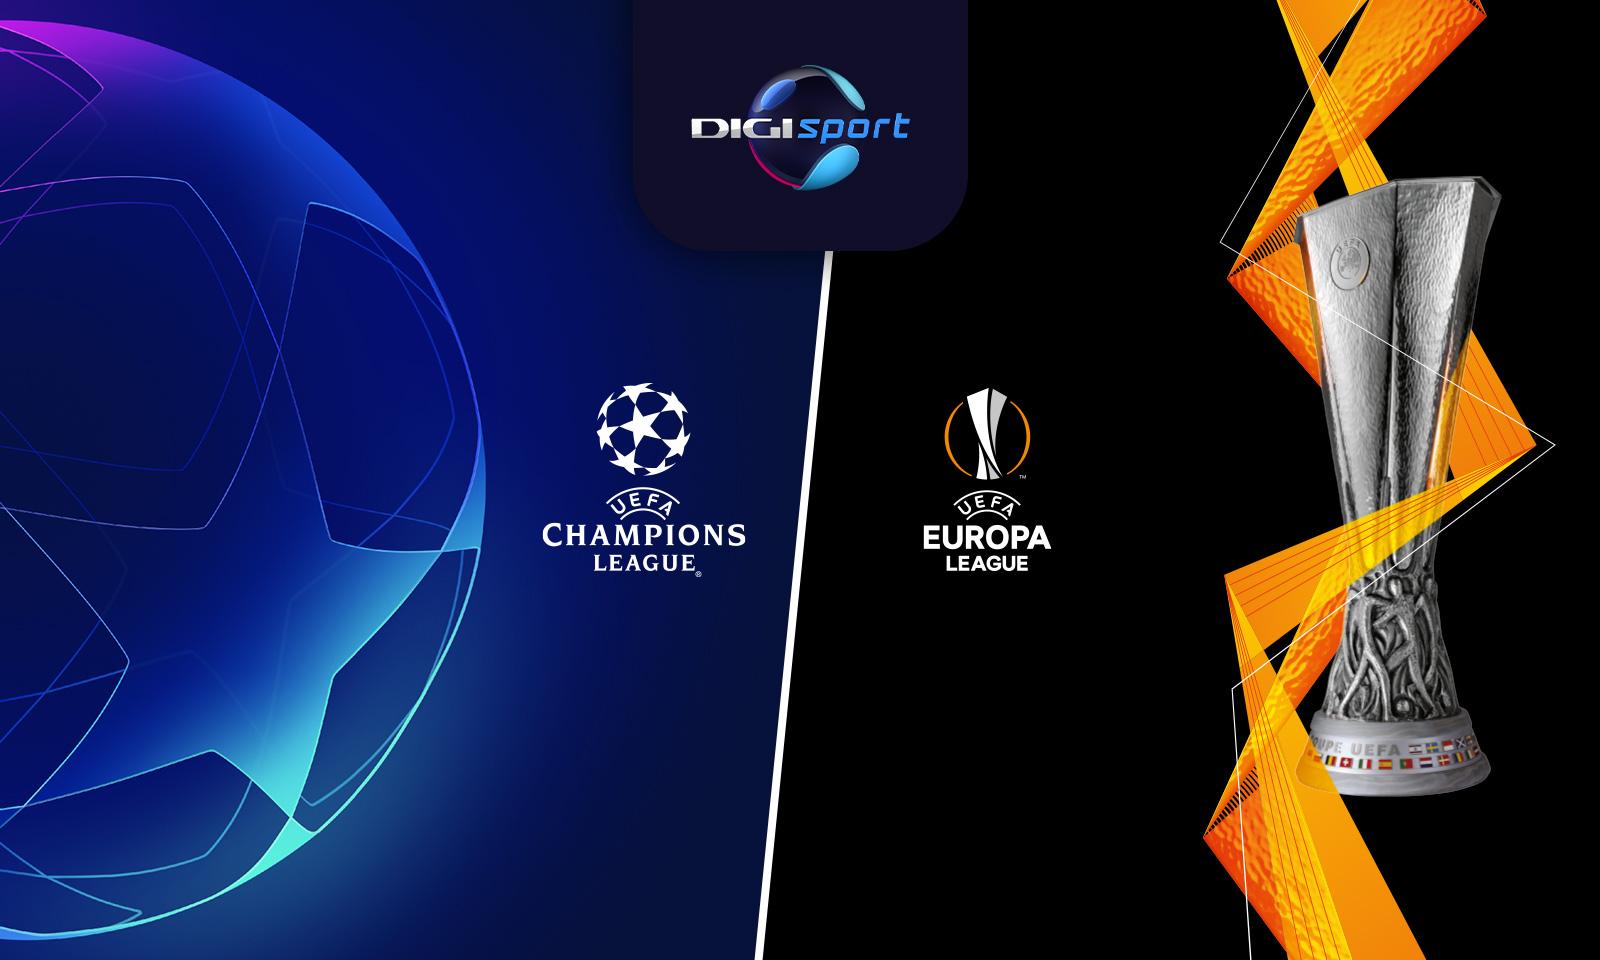 Sferturile de finala UEFA Champions League si UEFA Europa League, in direct, la Digi Sport si Digi 4K